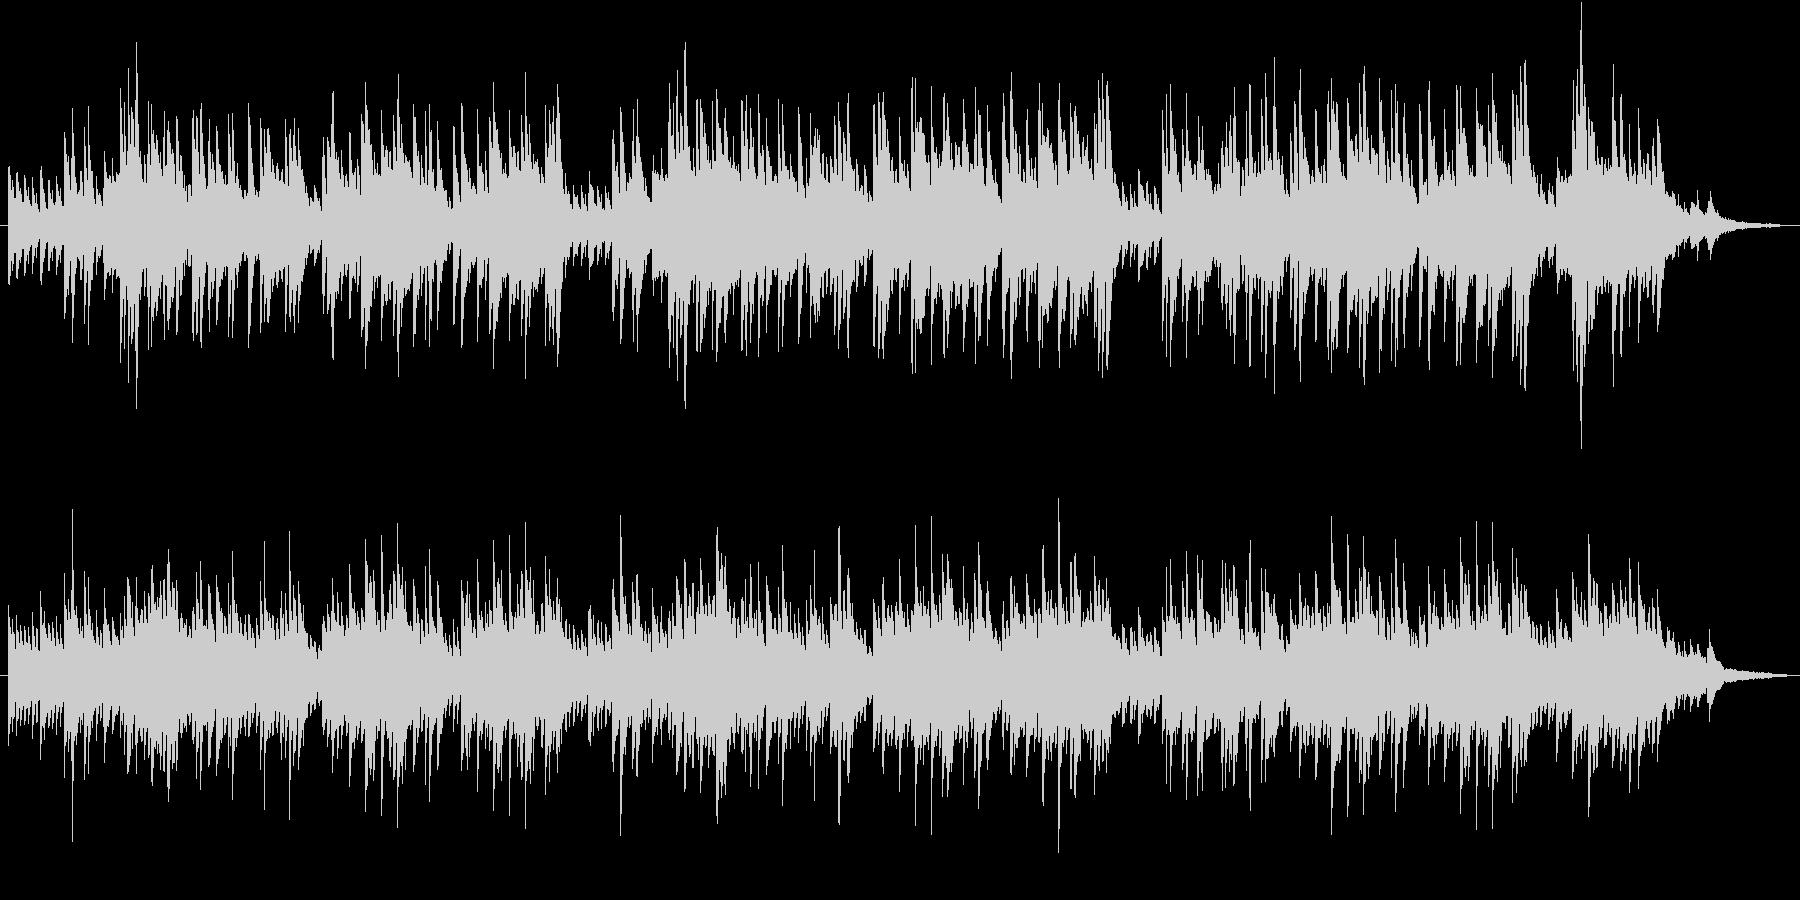 ピアノによる穏やかで切ないバラードの未再生の波形